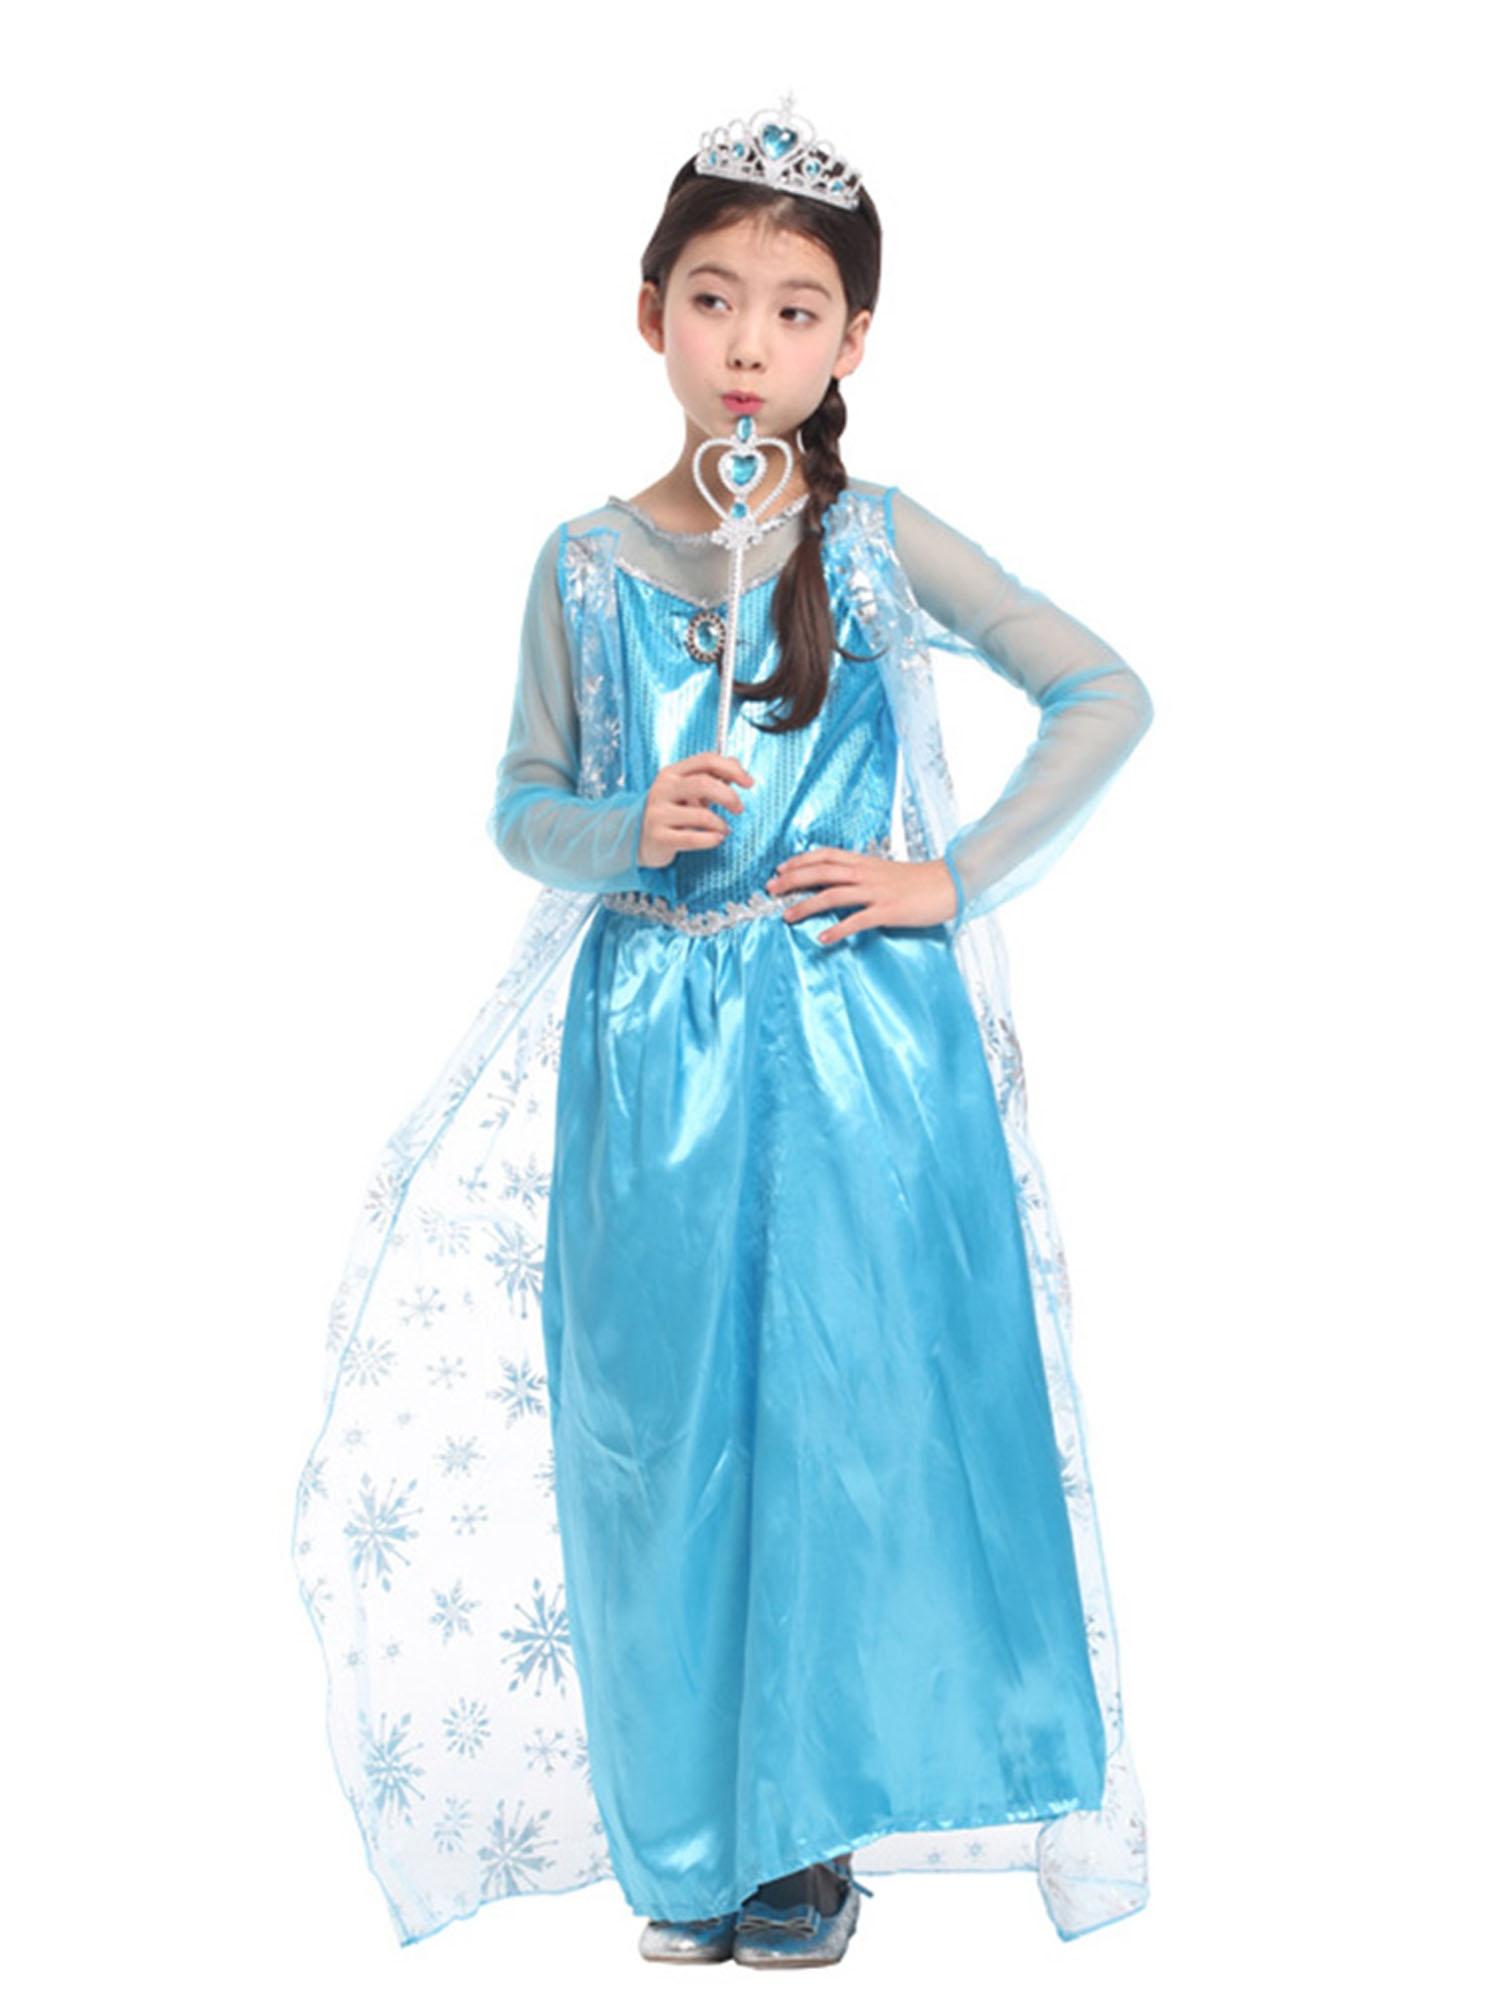 kids girls elsa frozen dress cosplay costume princess anna